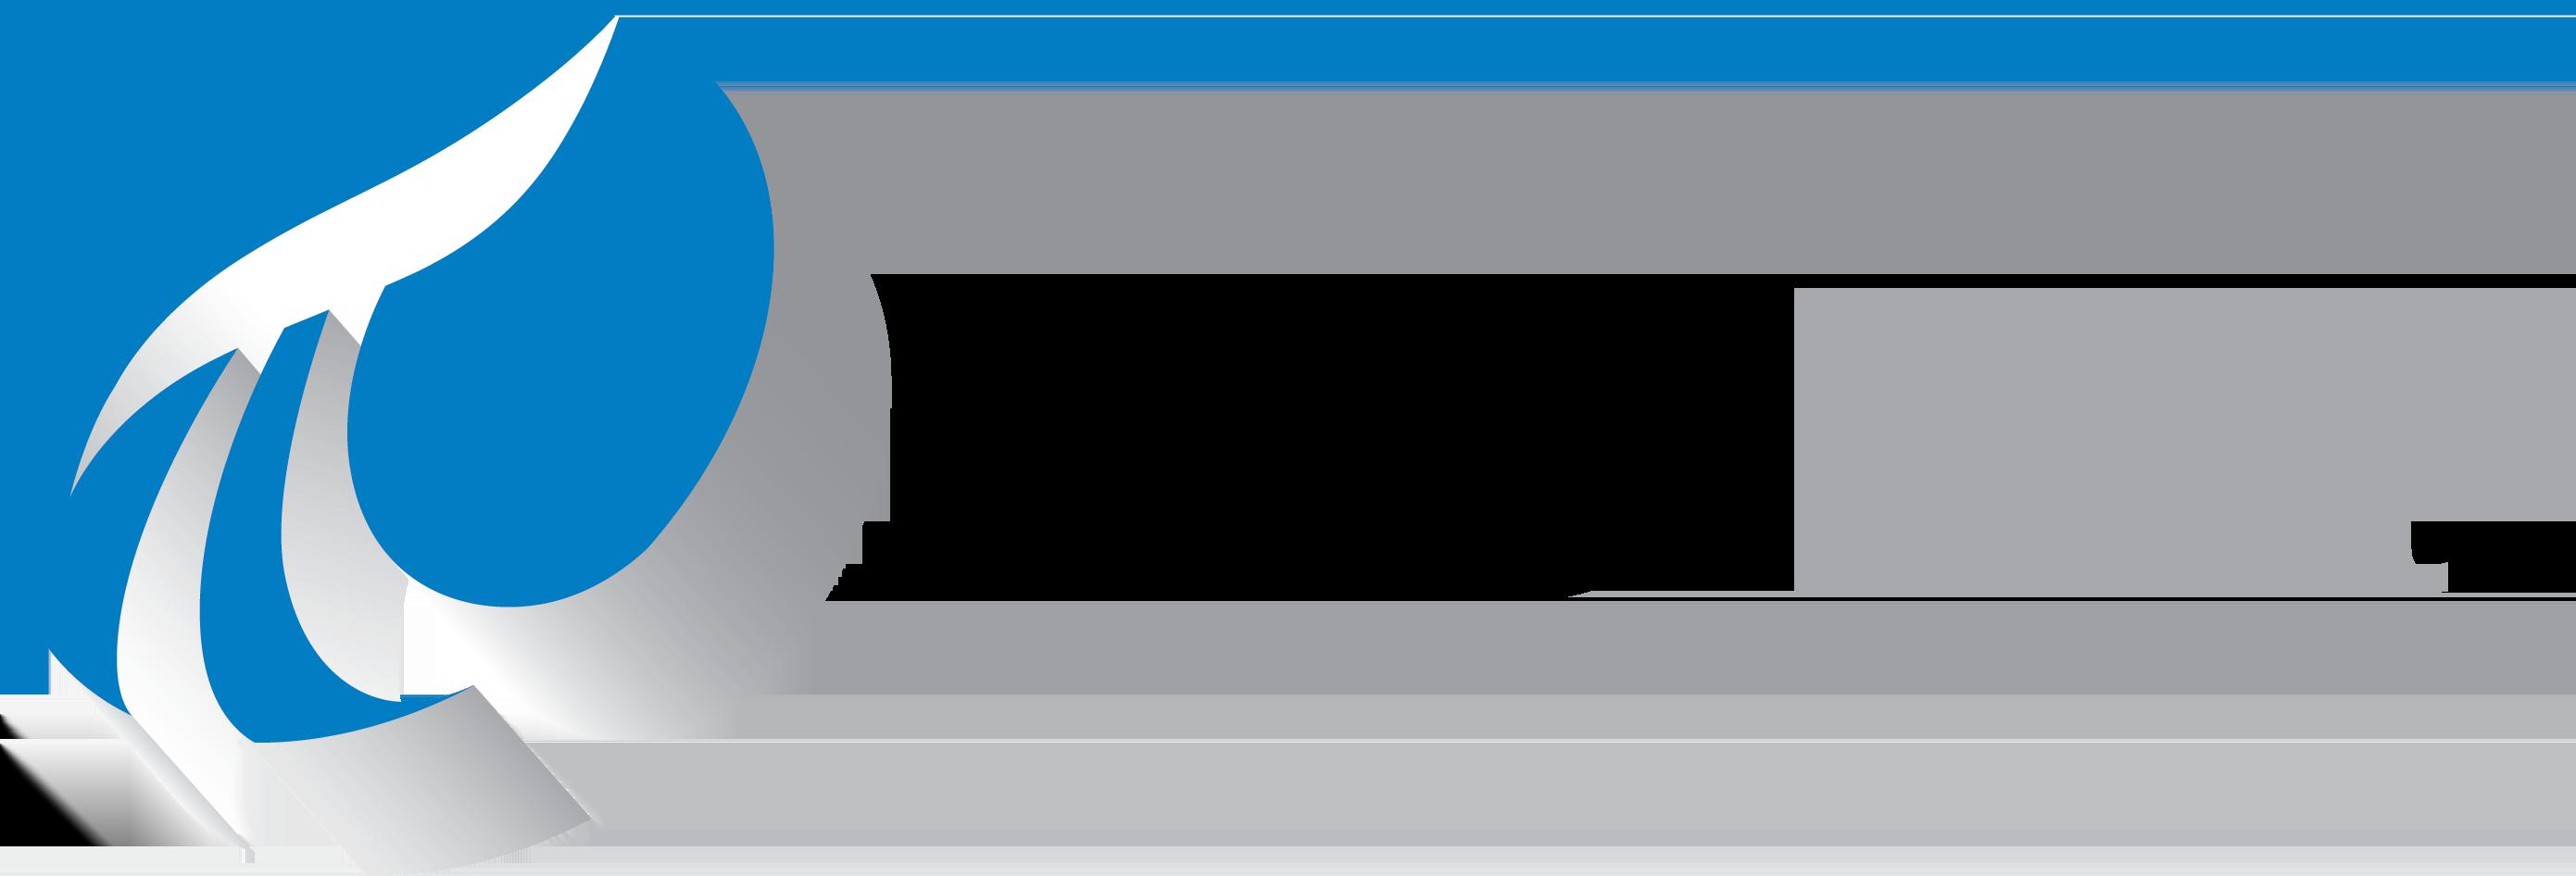 Osisoft logo